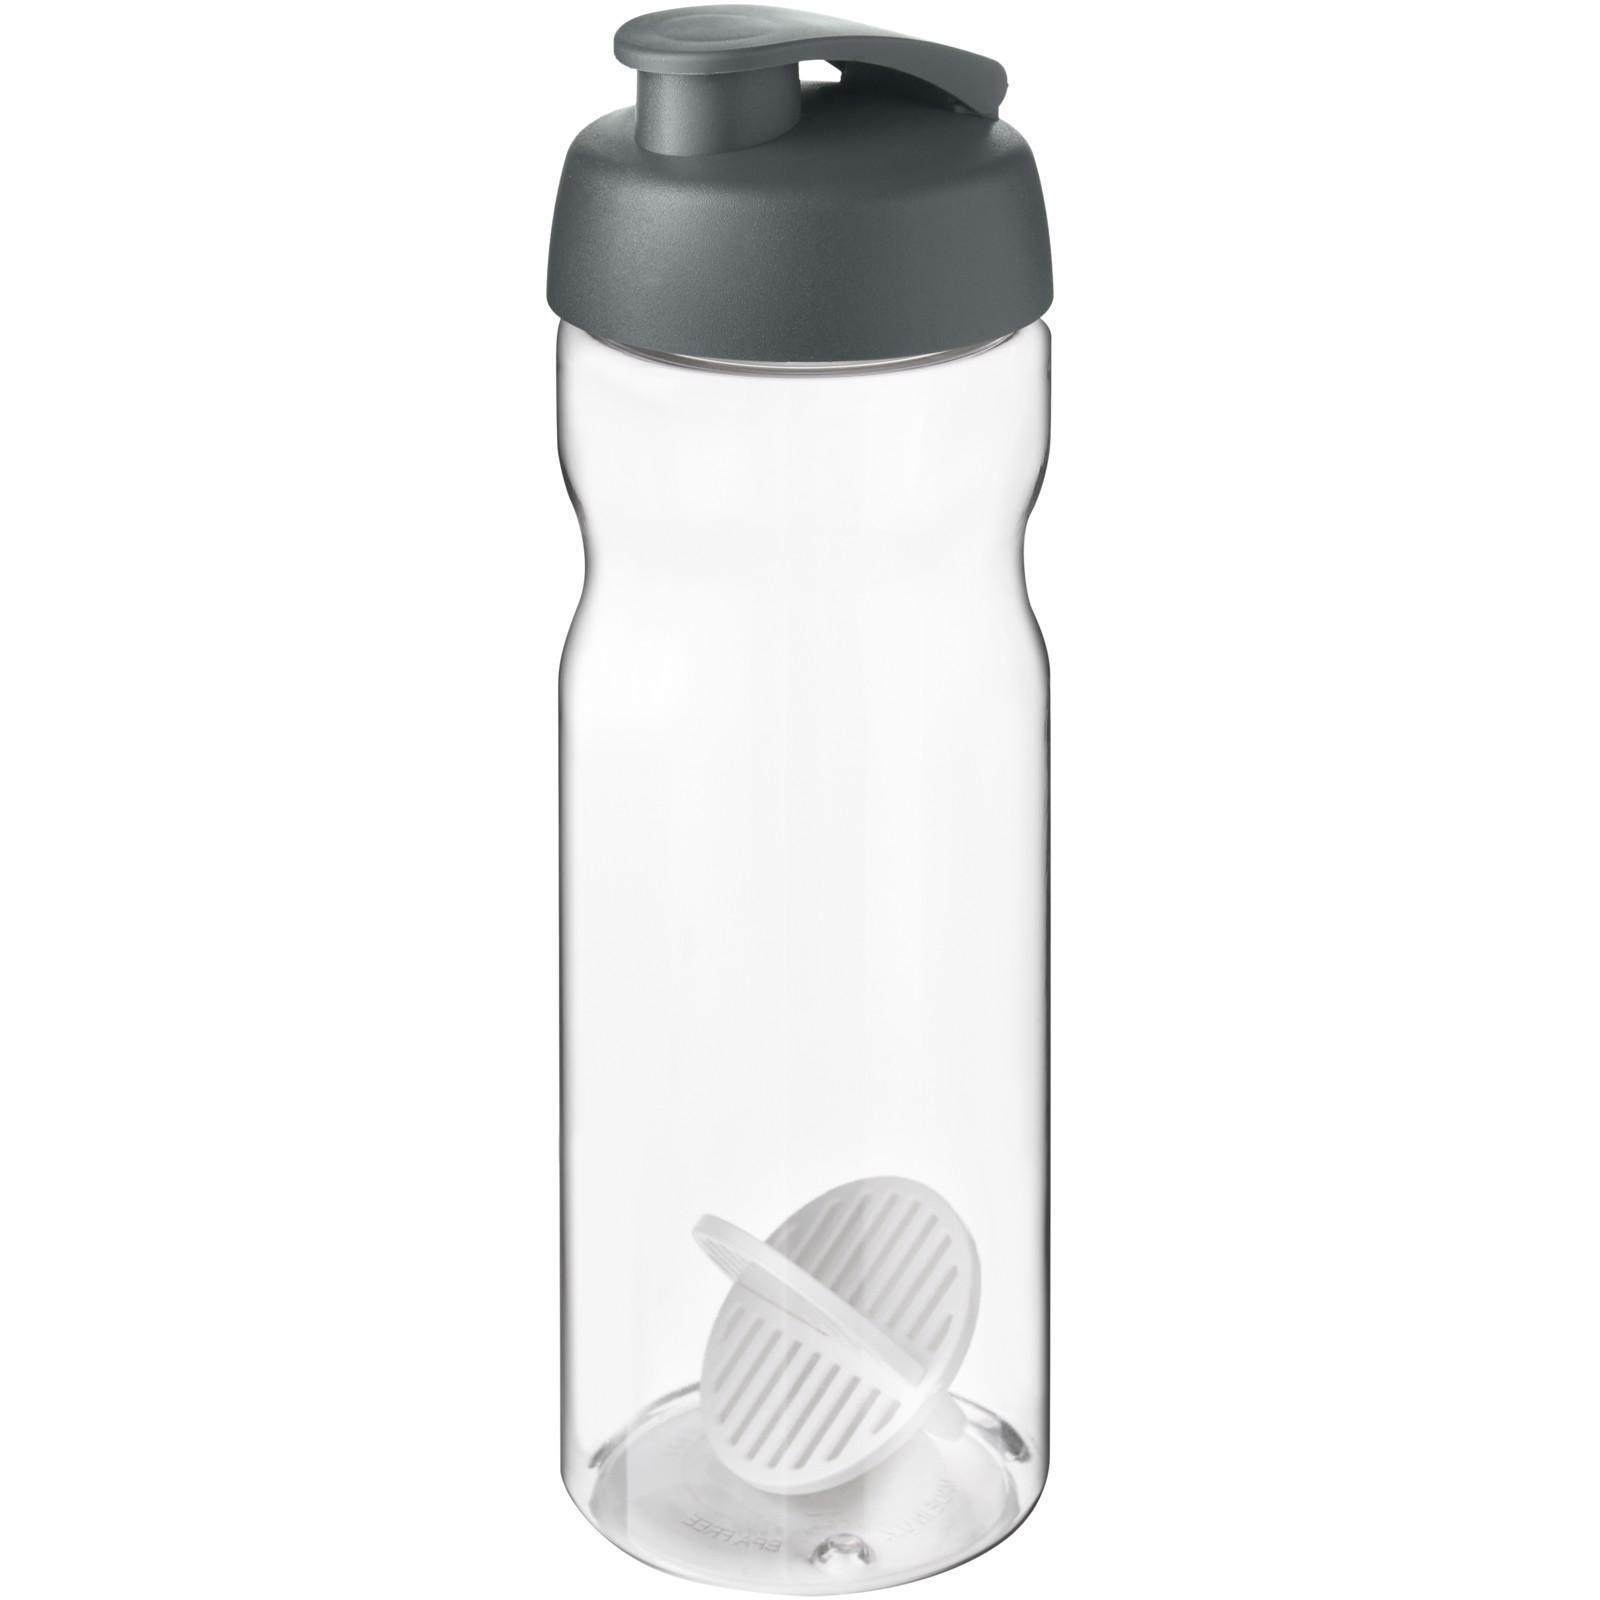 H2O Active Base 650 ml shaker bottle - Grey / Transparent